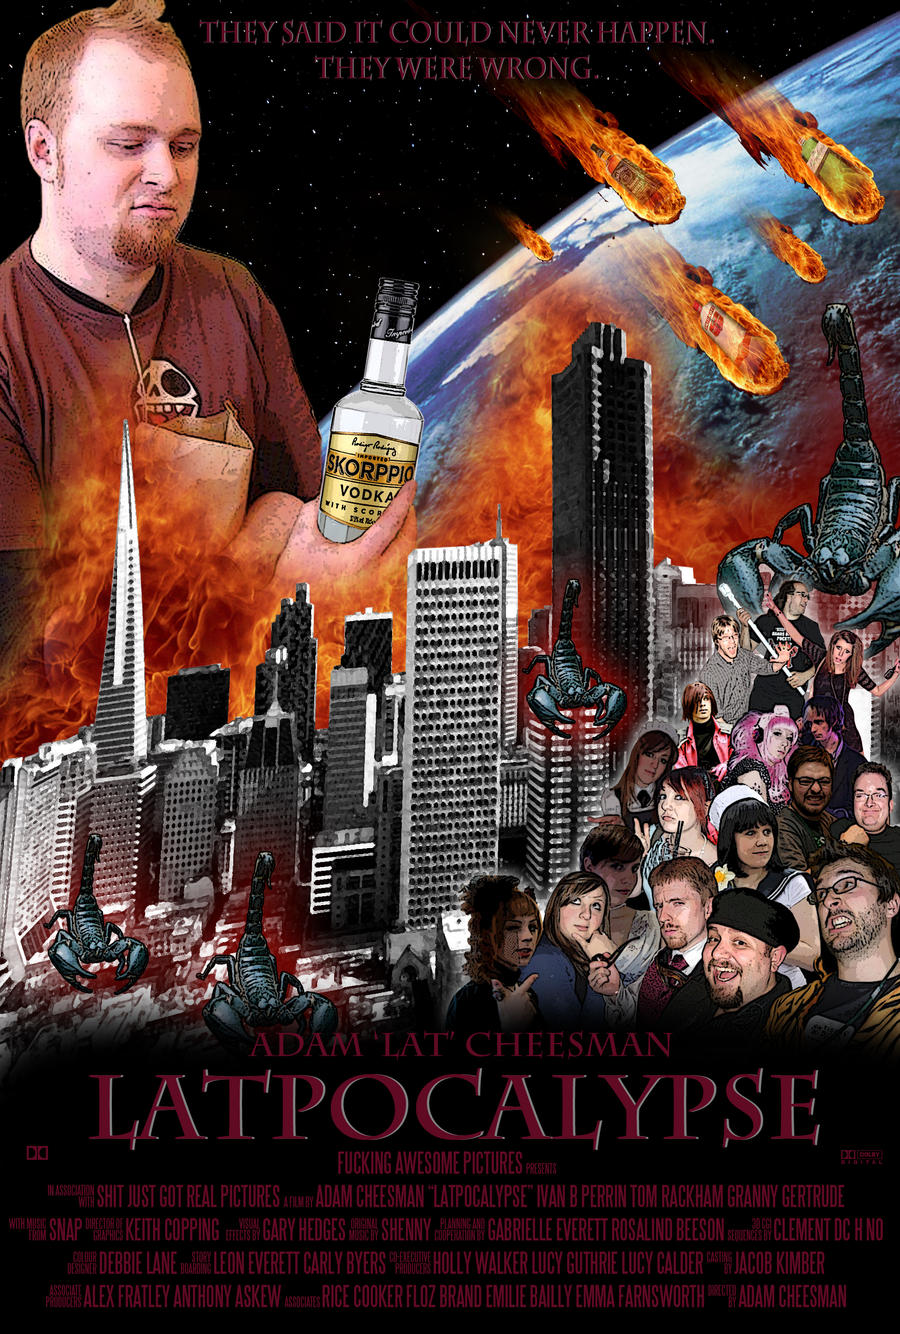 Latpocalypse